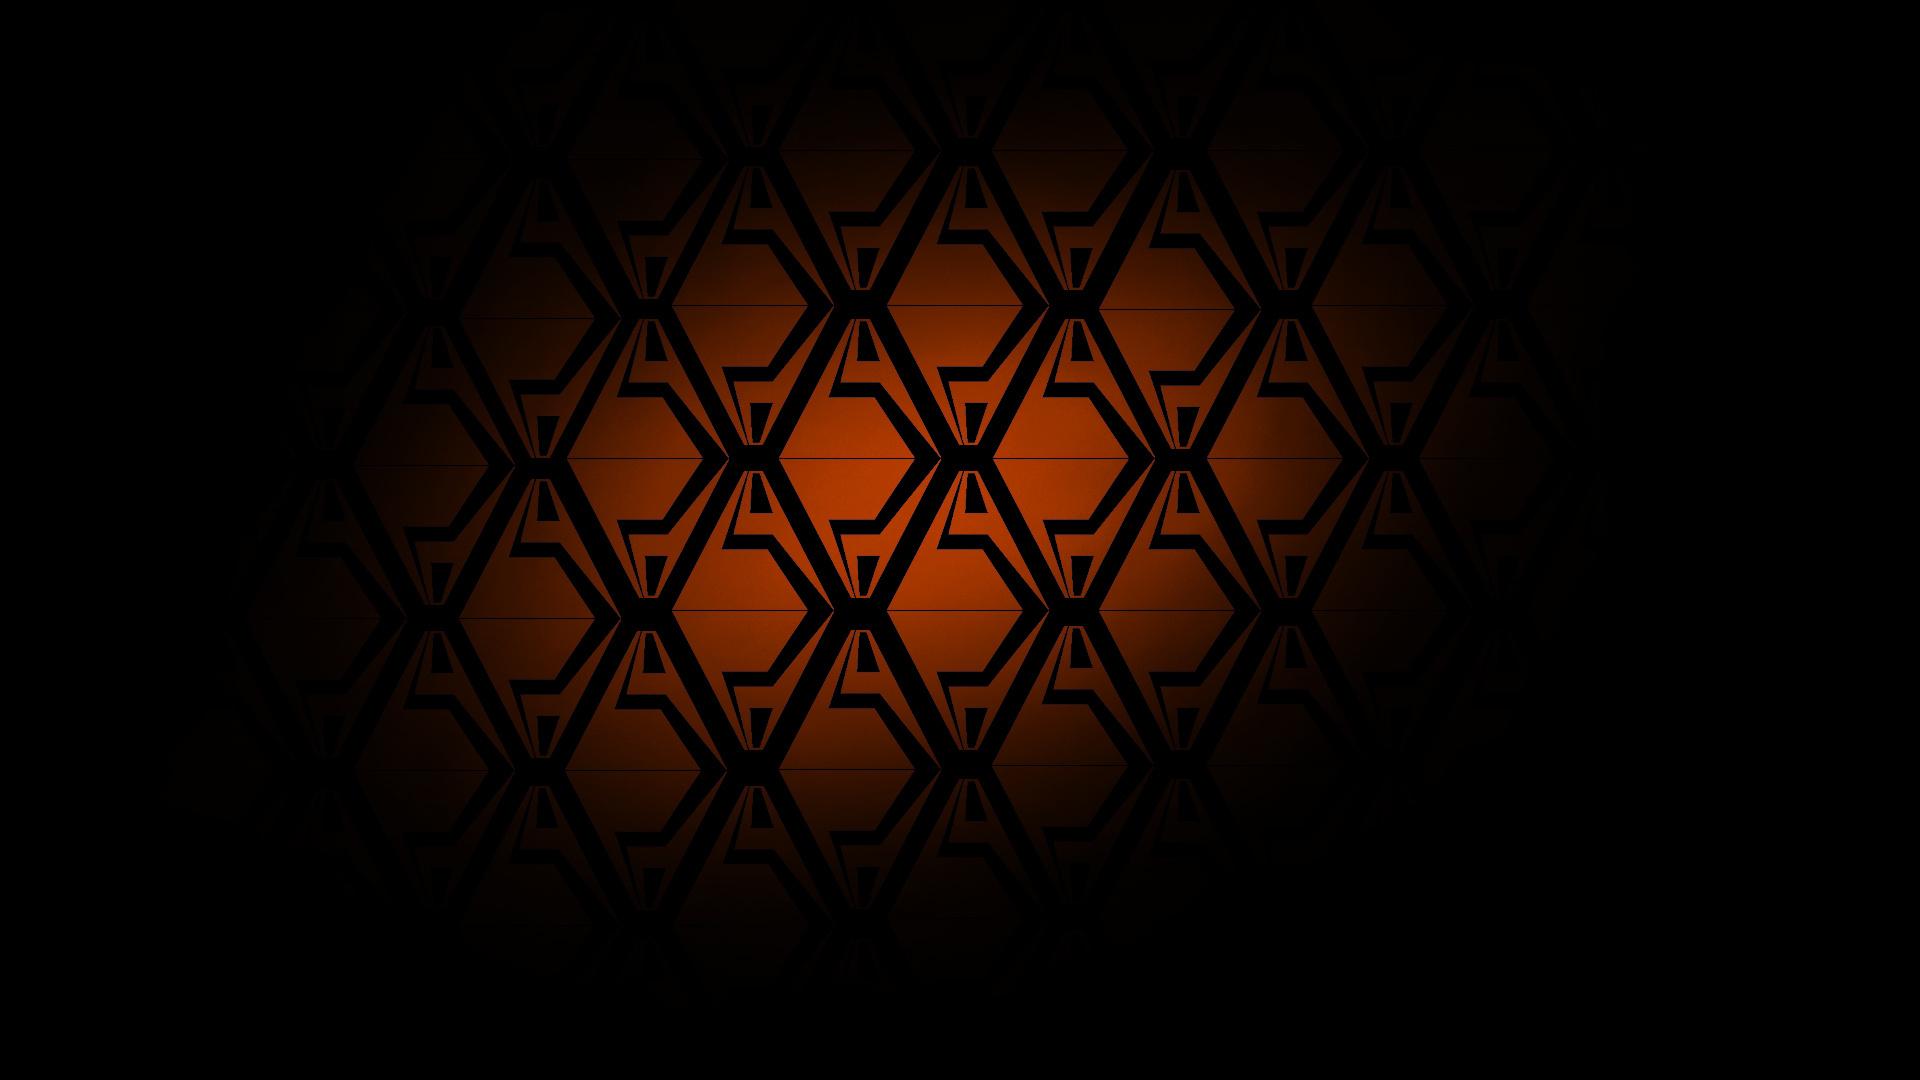 黑色��/h9l#��ފ9_黑色风格壁纸